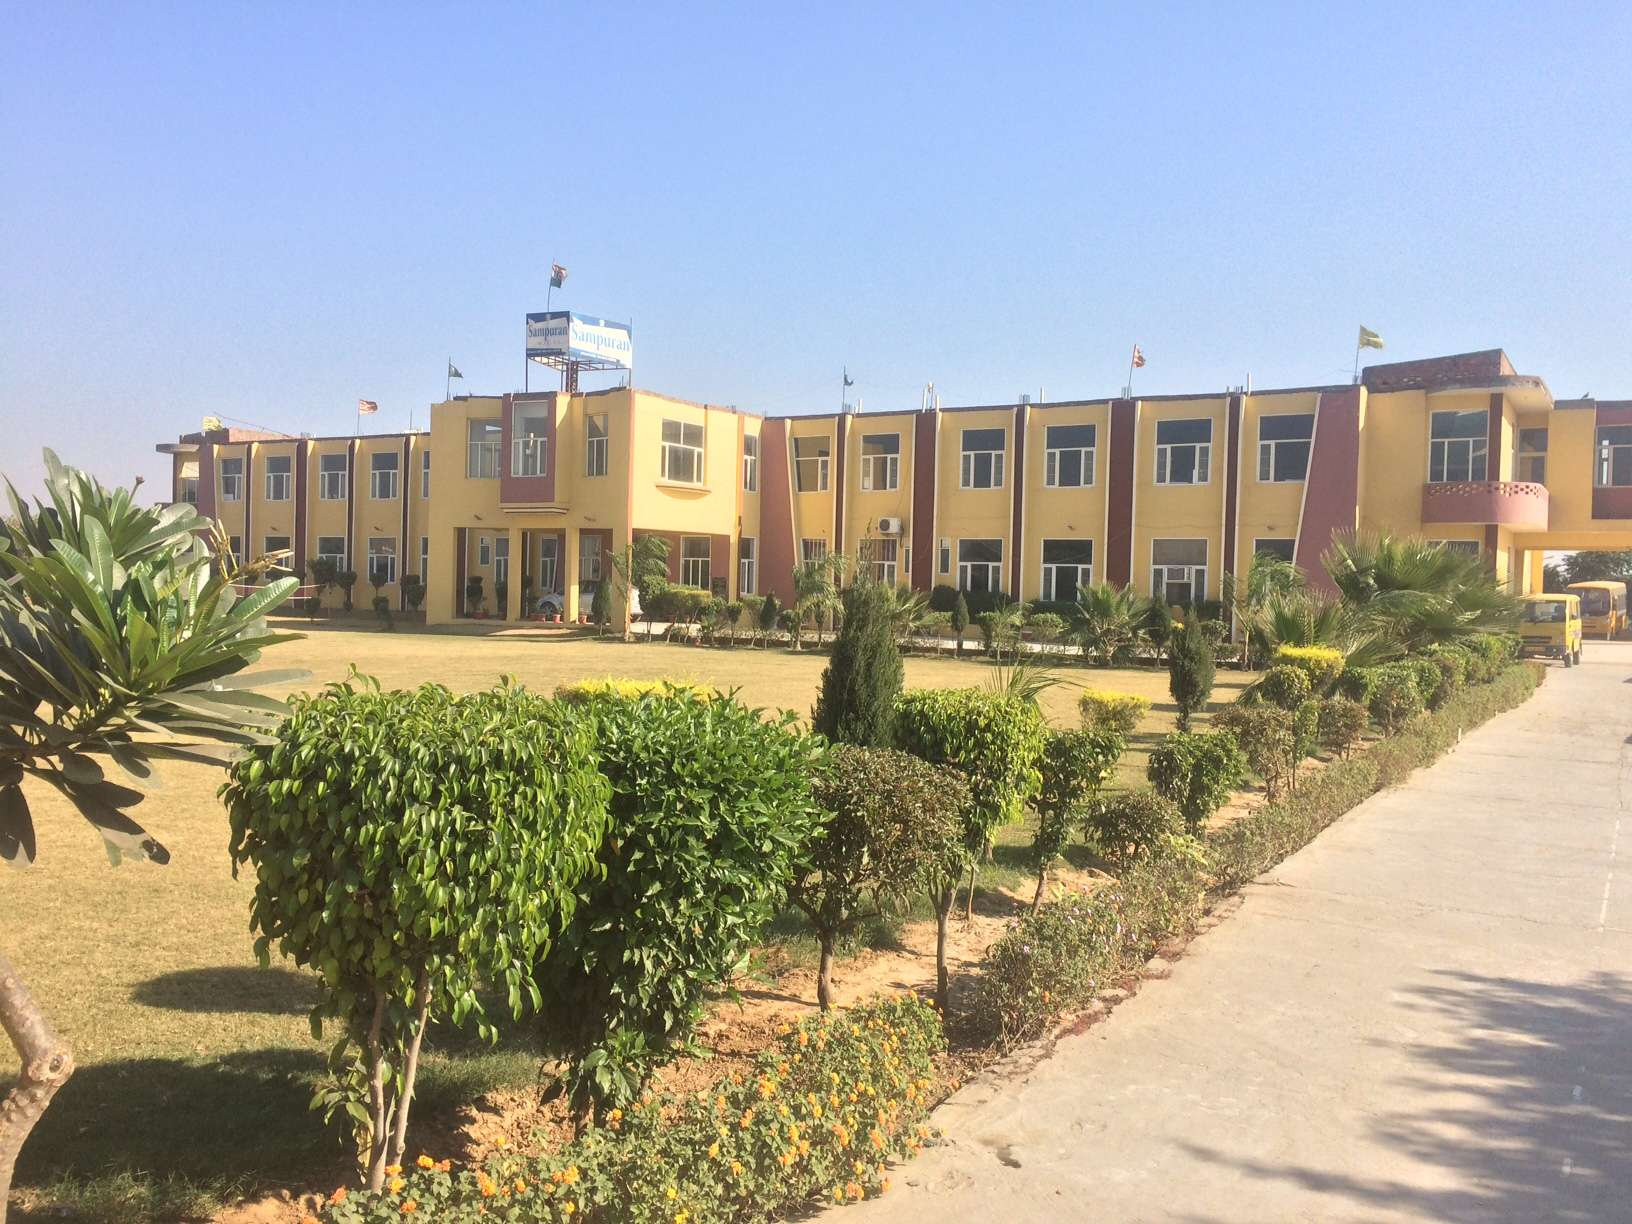 SAMPURAN PUBLIC SCHOOL SANGRUR PUNJAB 1630946